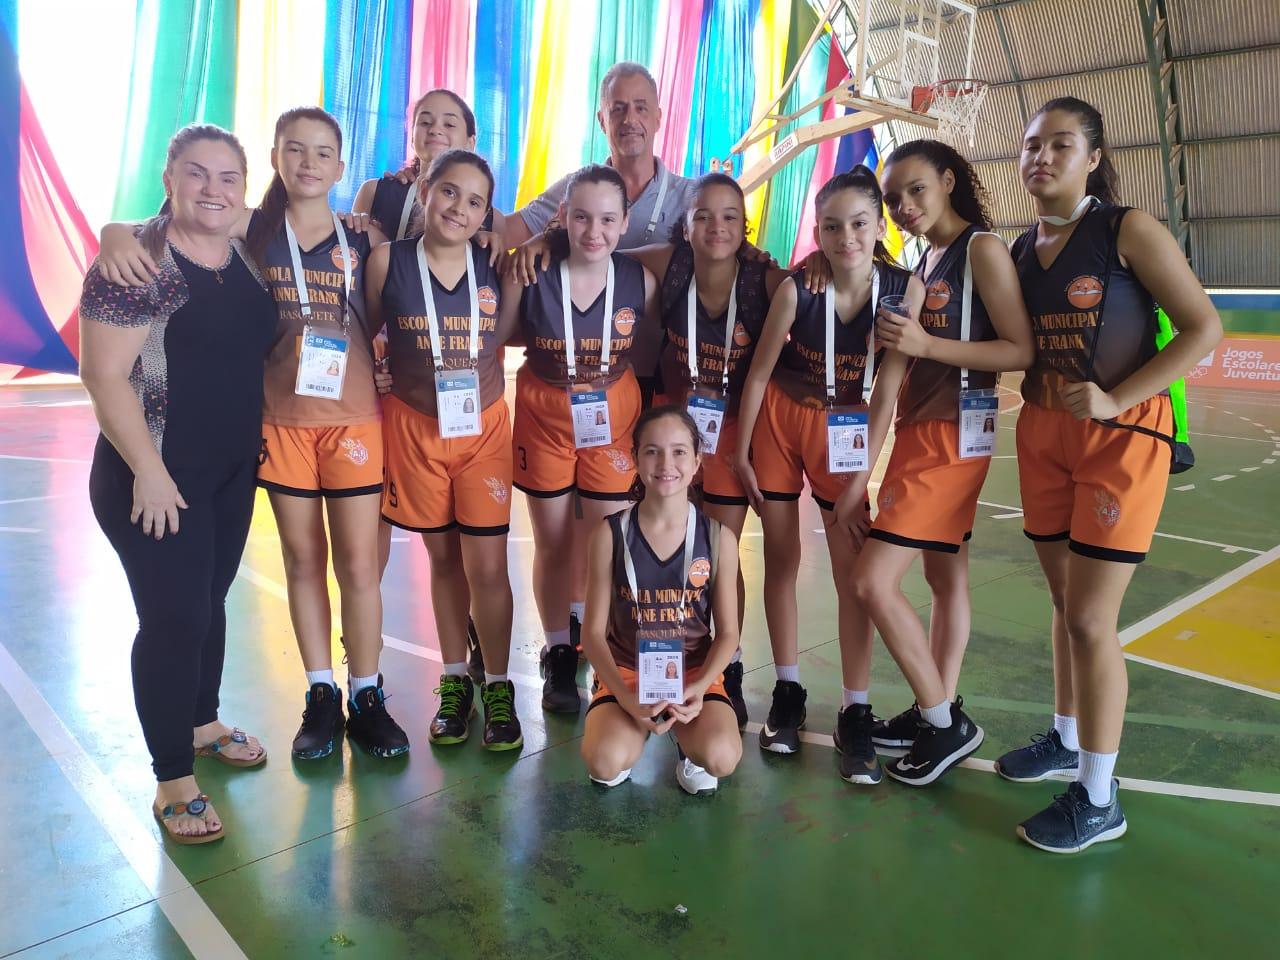 Equipe Feminina de Basquete do Anne Frank perde a chance de classificação para a etapa nacional dos Jogos Escolares da Juventude